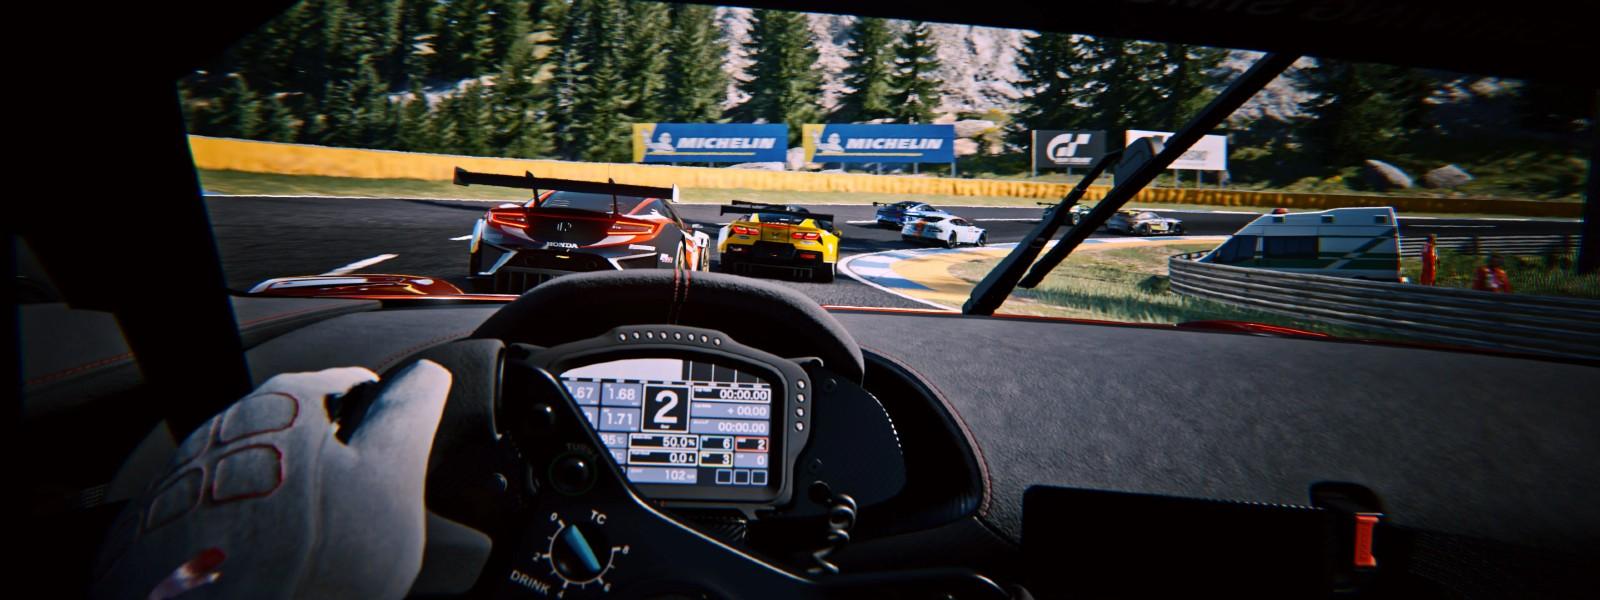 Gran Turismo 7 Premiera Na Allegro Pl